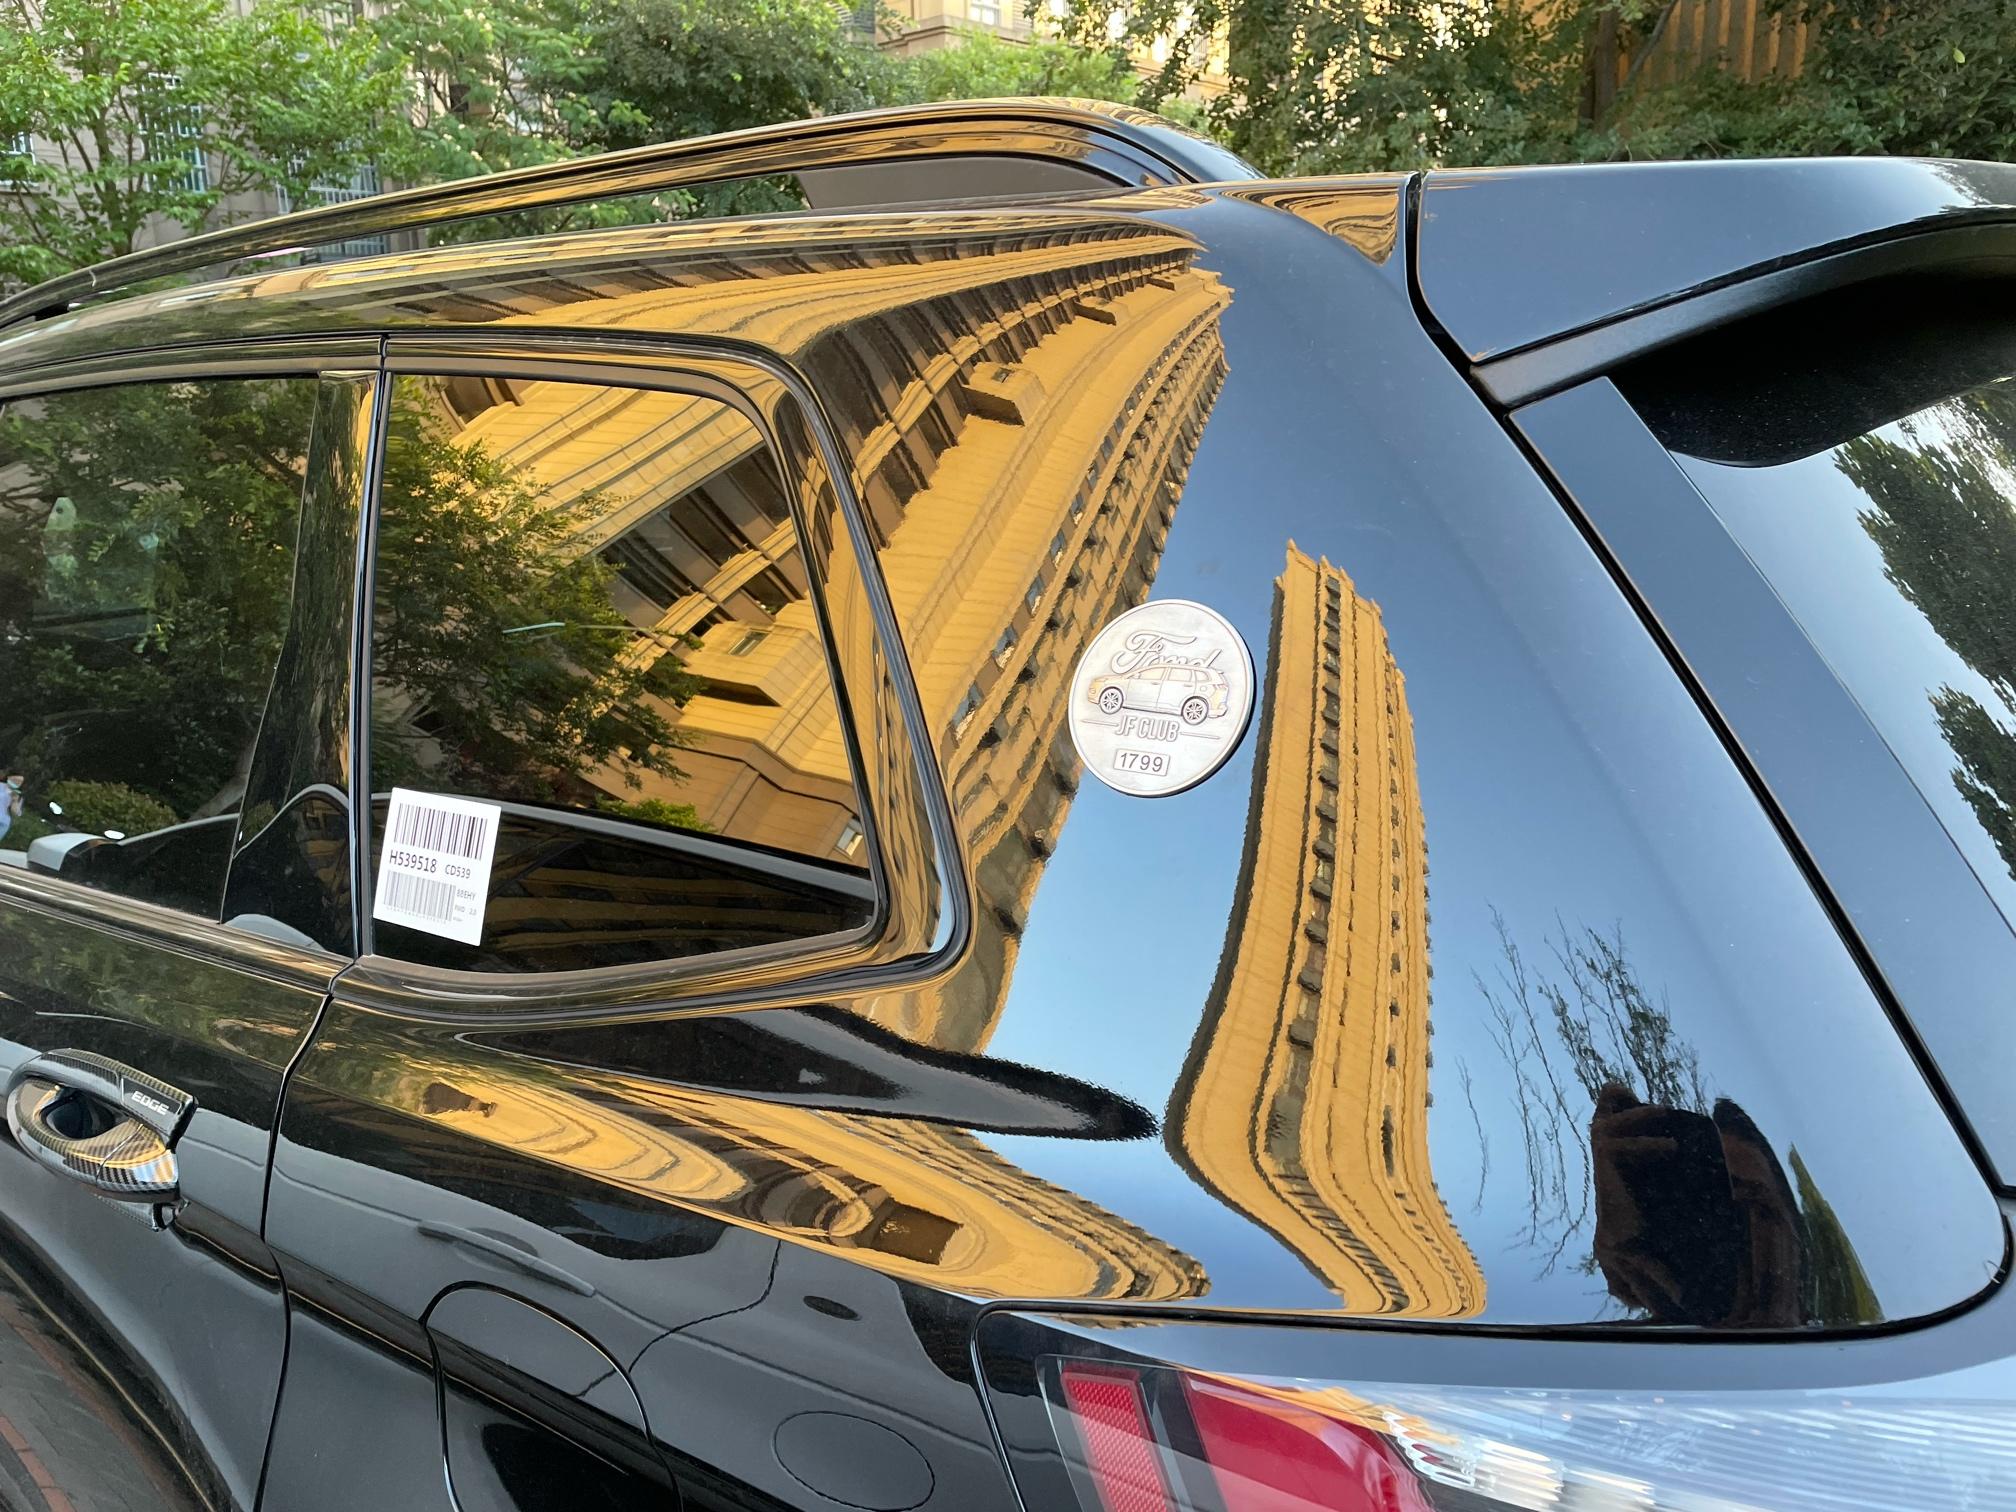 福特车友会车标申请规则7764 作者:Gump 帖子ID:45